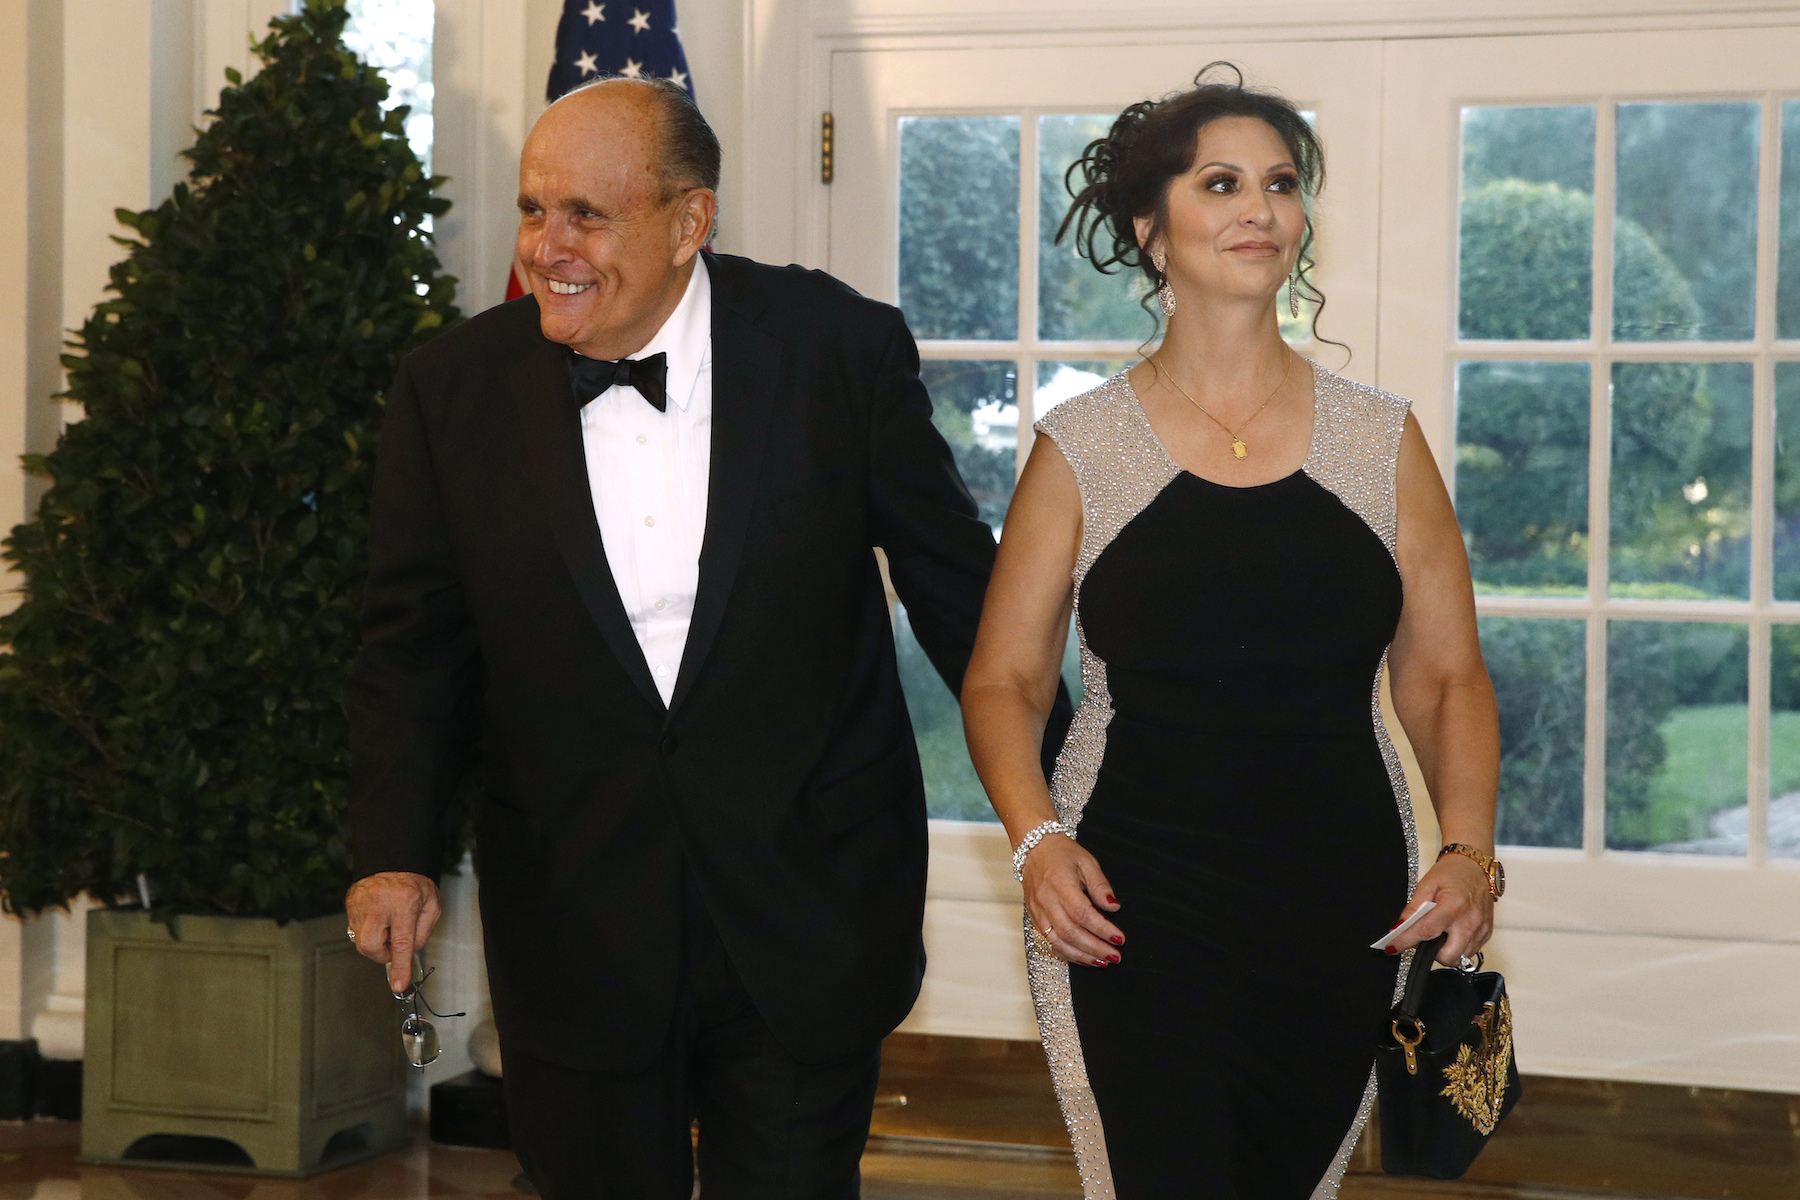 Rudy Giuliani, Maria Ryan